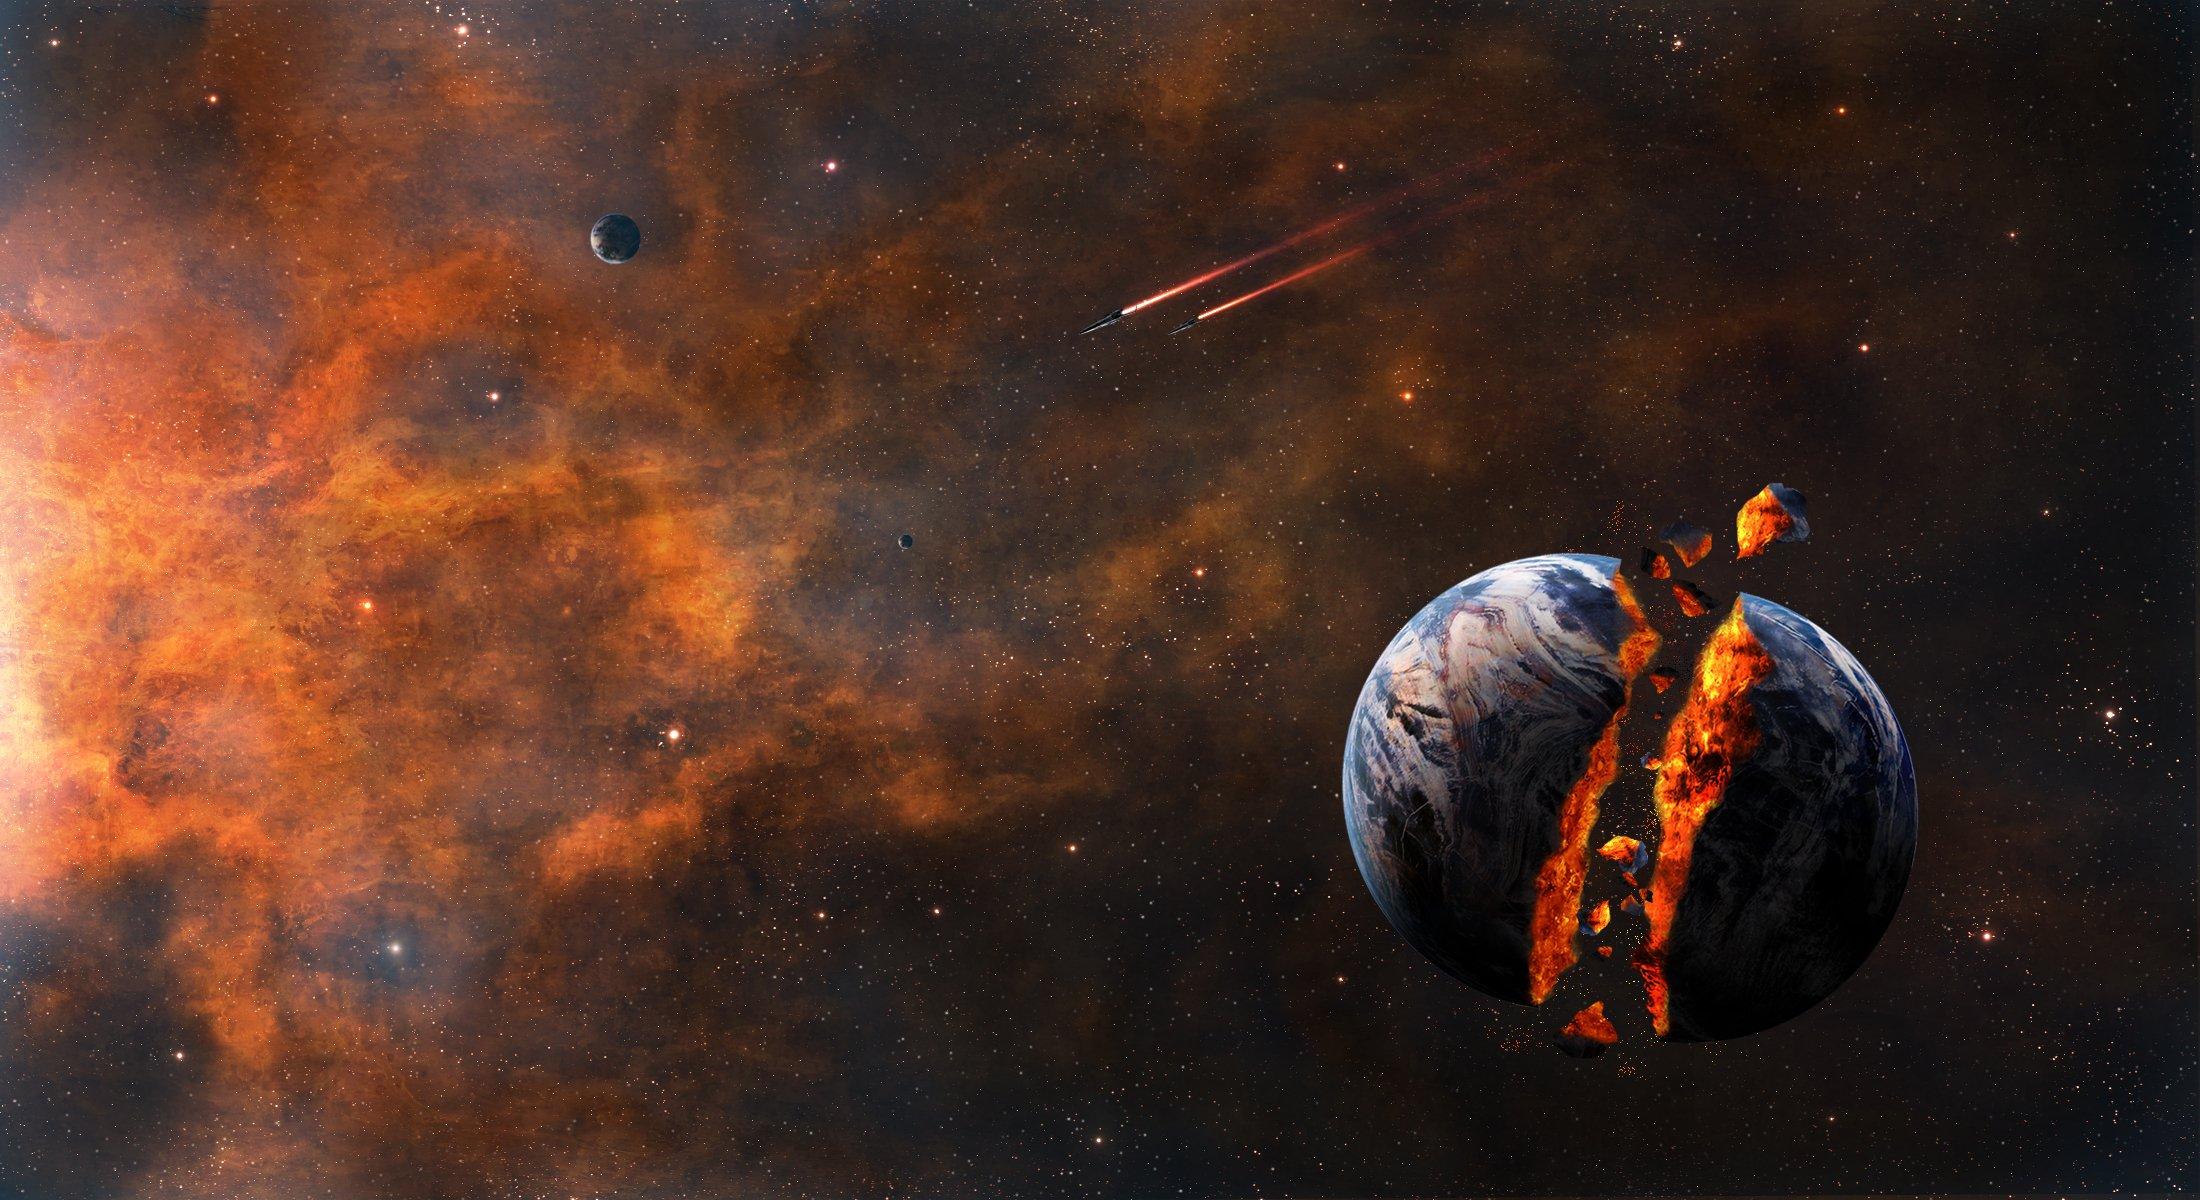 Обои Между планет картинки на рабочий стол на тему Космос - скачать  № 1763230 загрузить